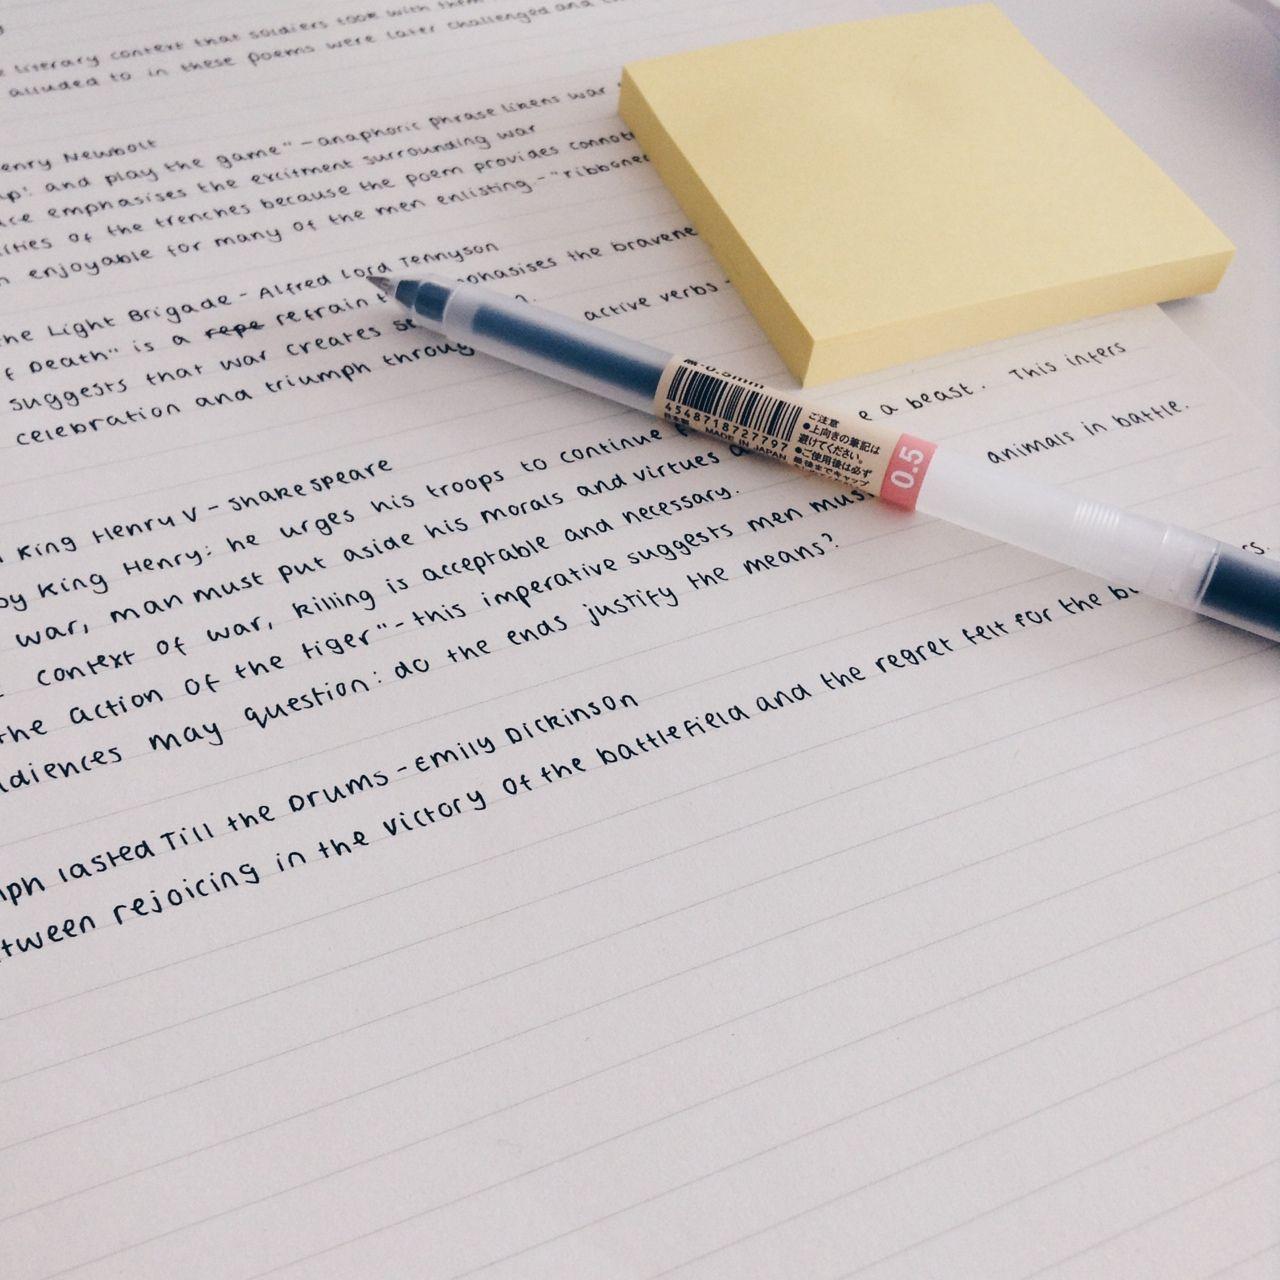 margaux-studies: hstudies: Having an enjoyable day reading poetry ...